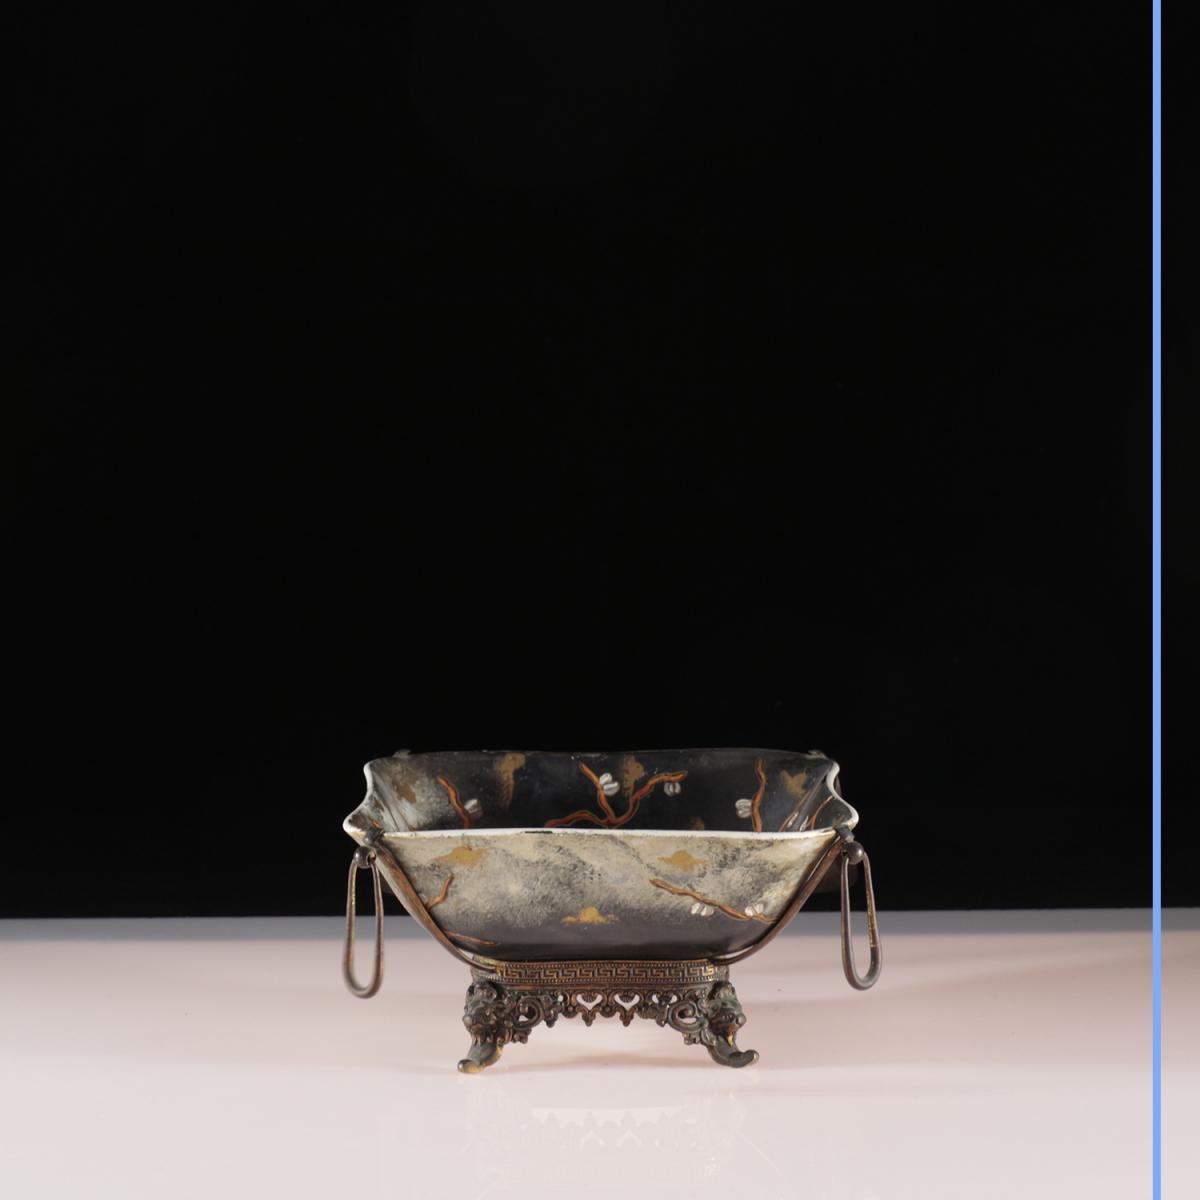 Maison A.Giroux, Paris, coupe en porcelaine, XIXe